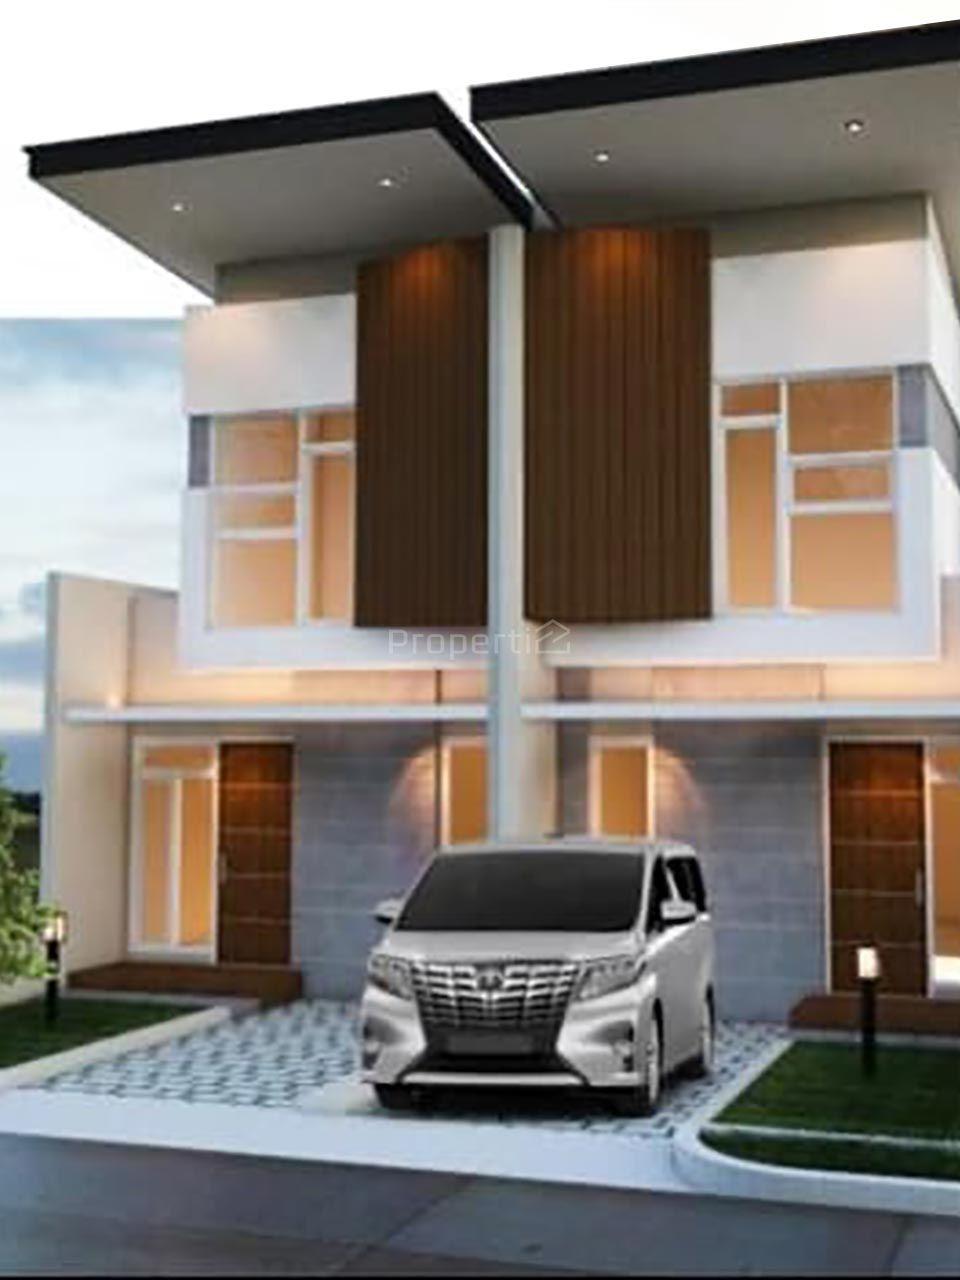 Rumah Baru di Kawasan Hunian Berkelas Kota Bekasi, Jawa Barat